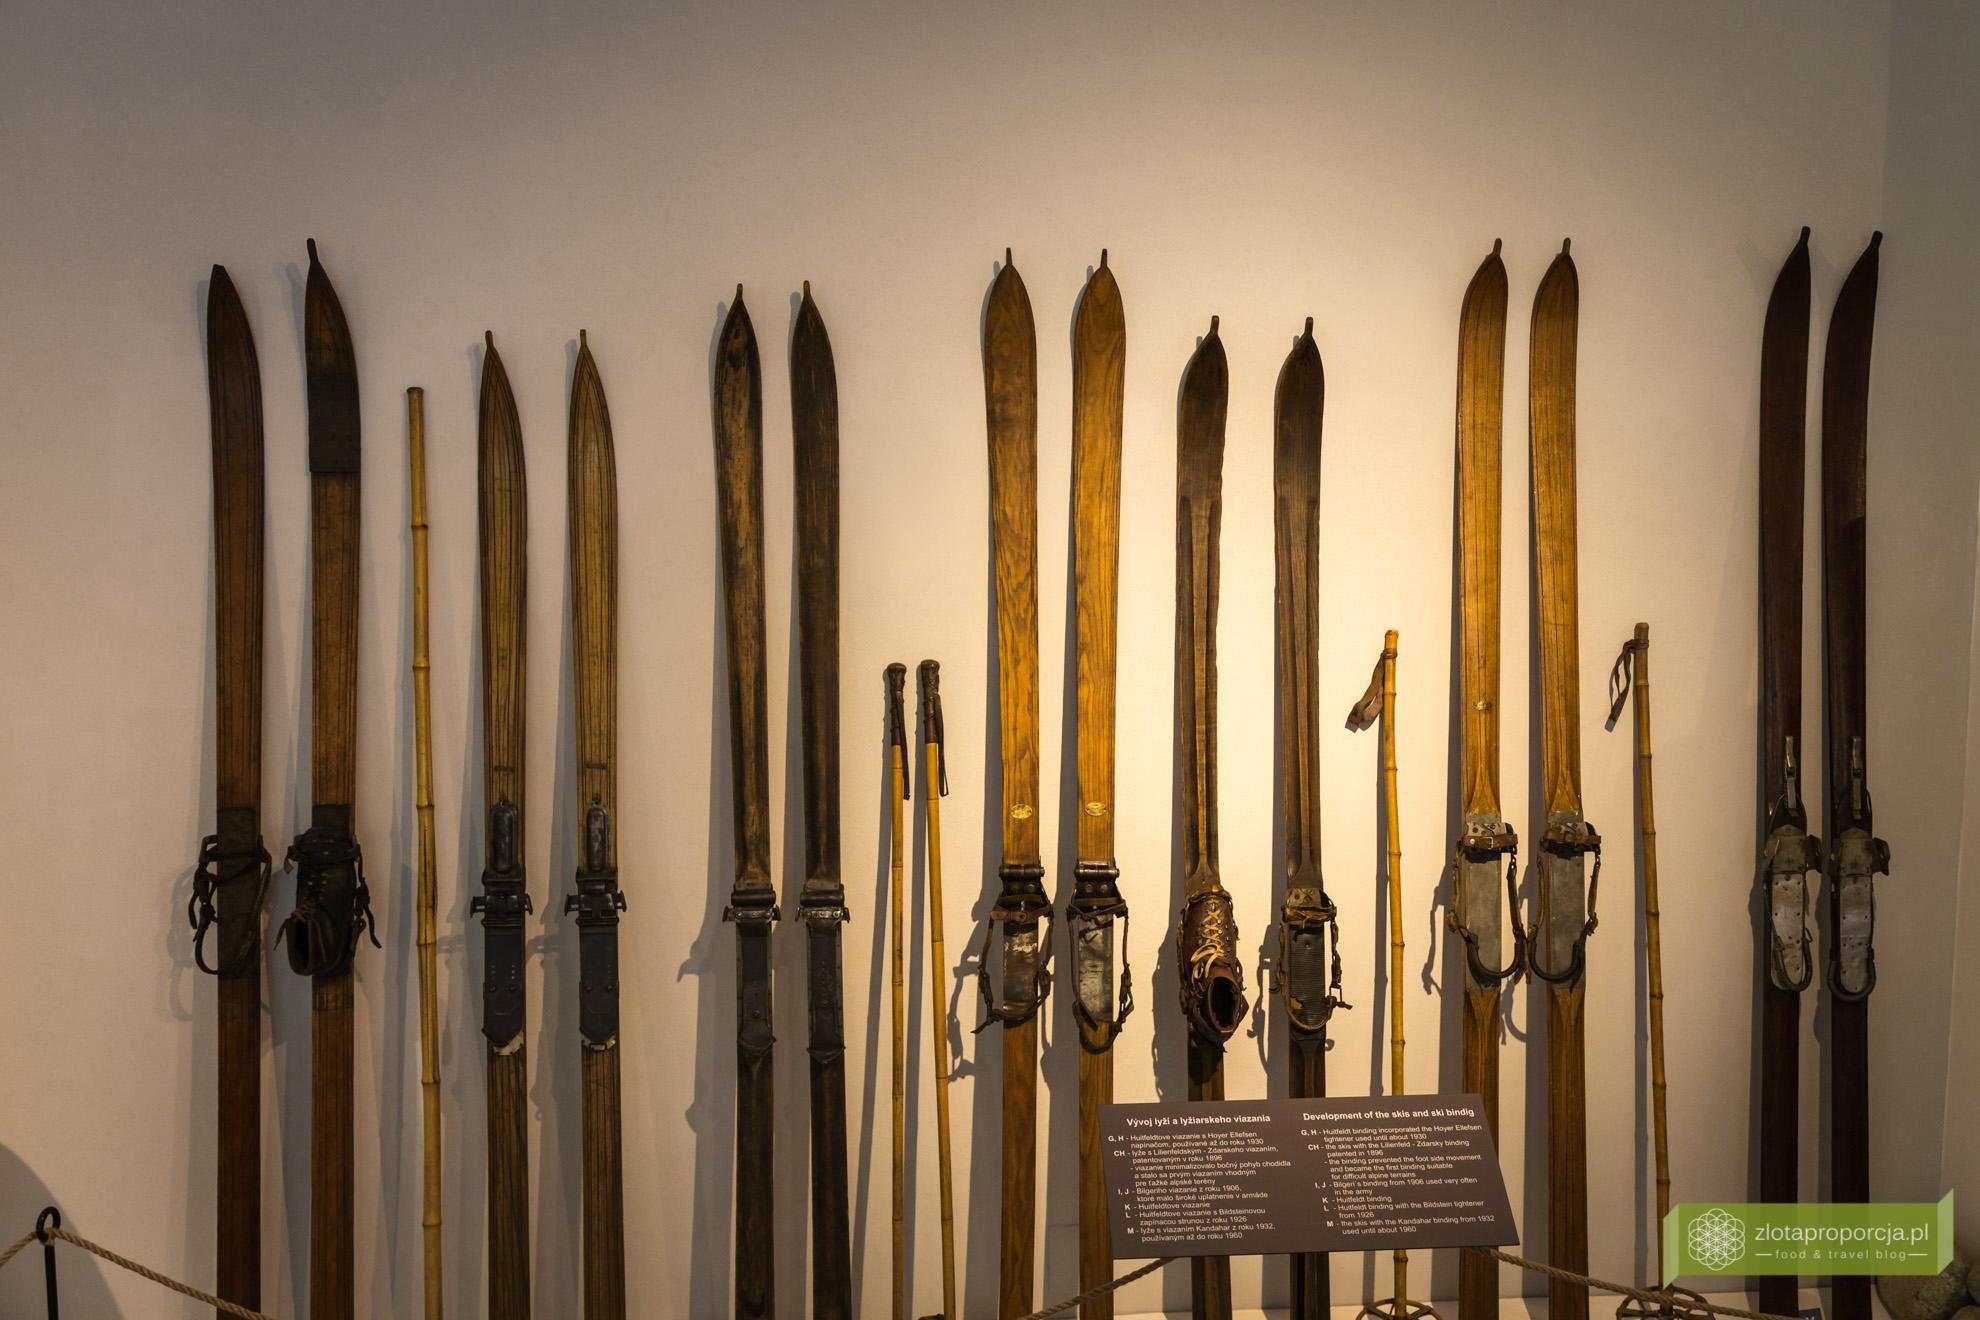 Tatrzańska Łomnica, Muzeum Tatrzańskiego Parku Narodowego